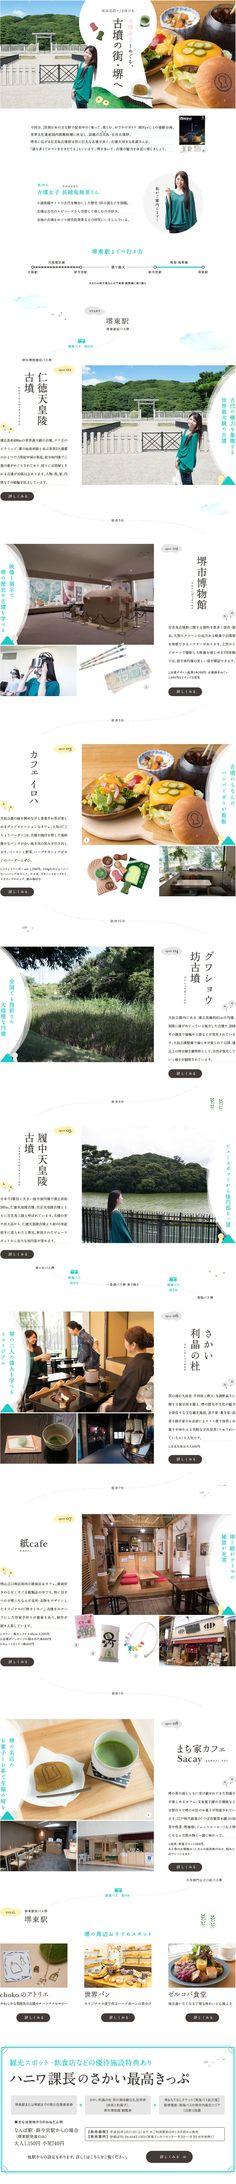 南海電鉄×JR西日本+古墳女子とめぐる、古墳の街・堺へ